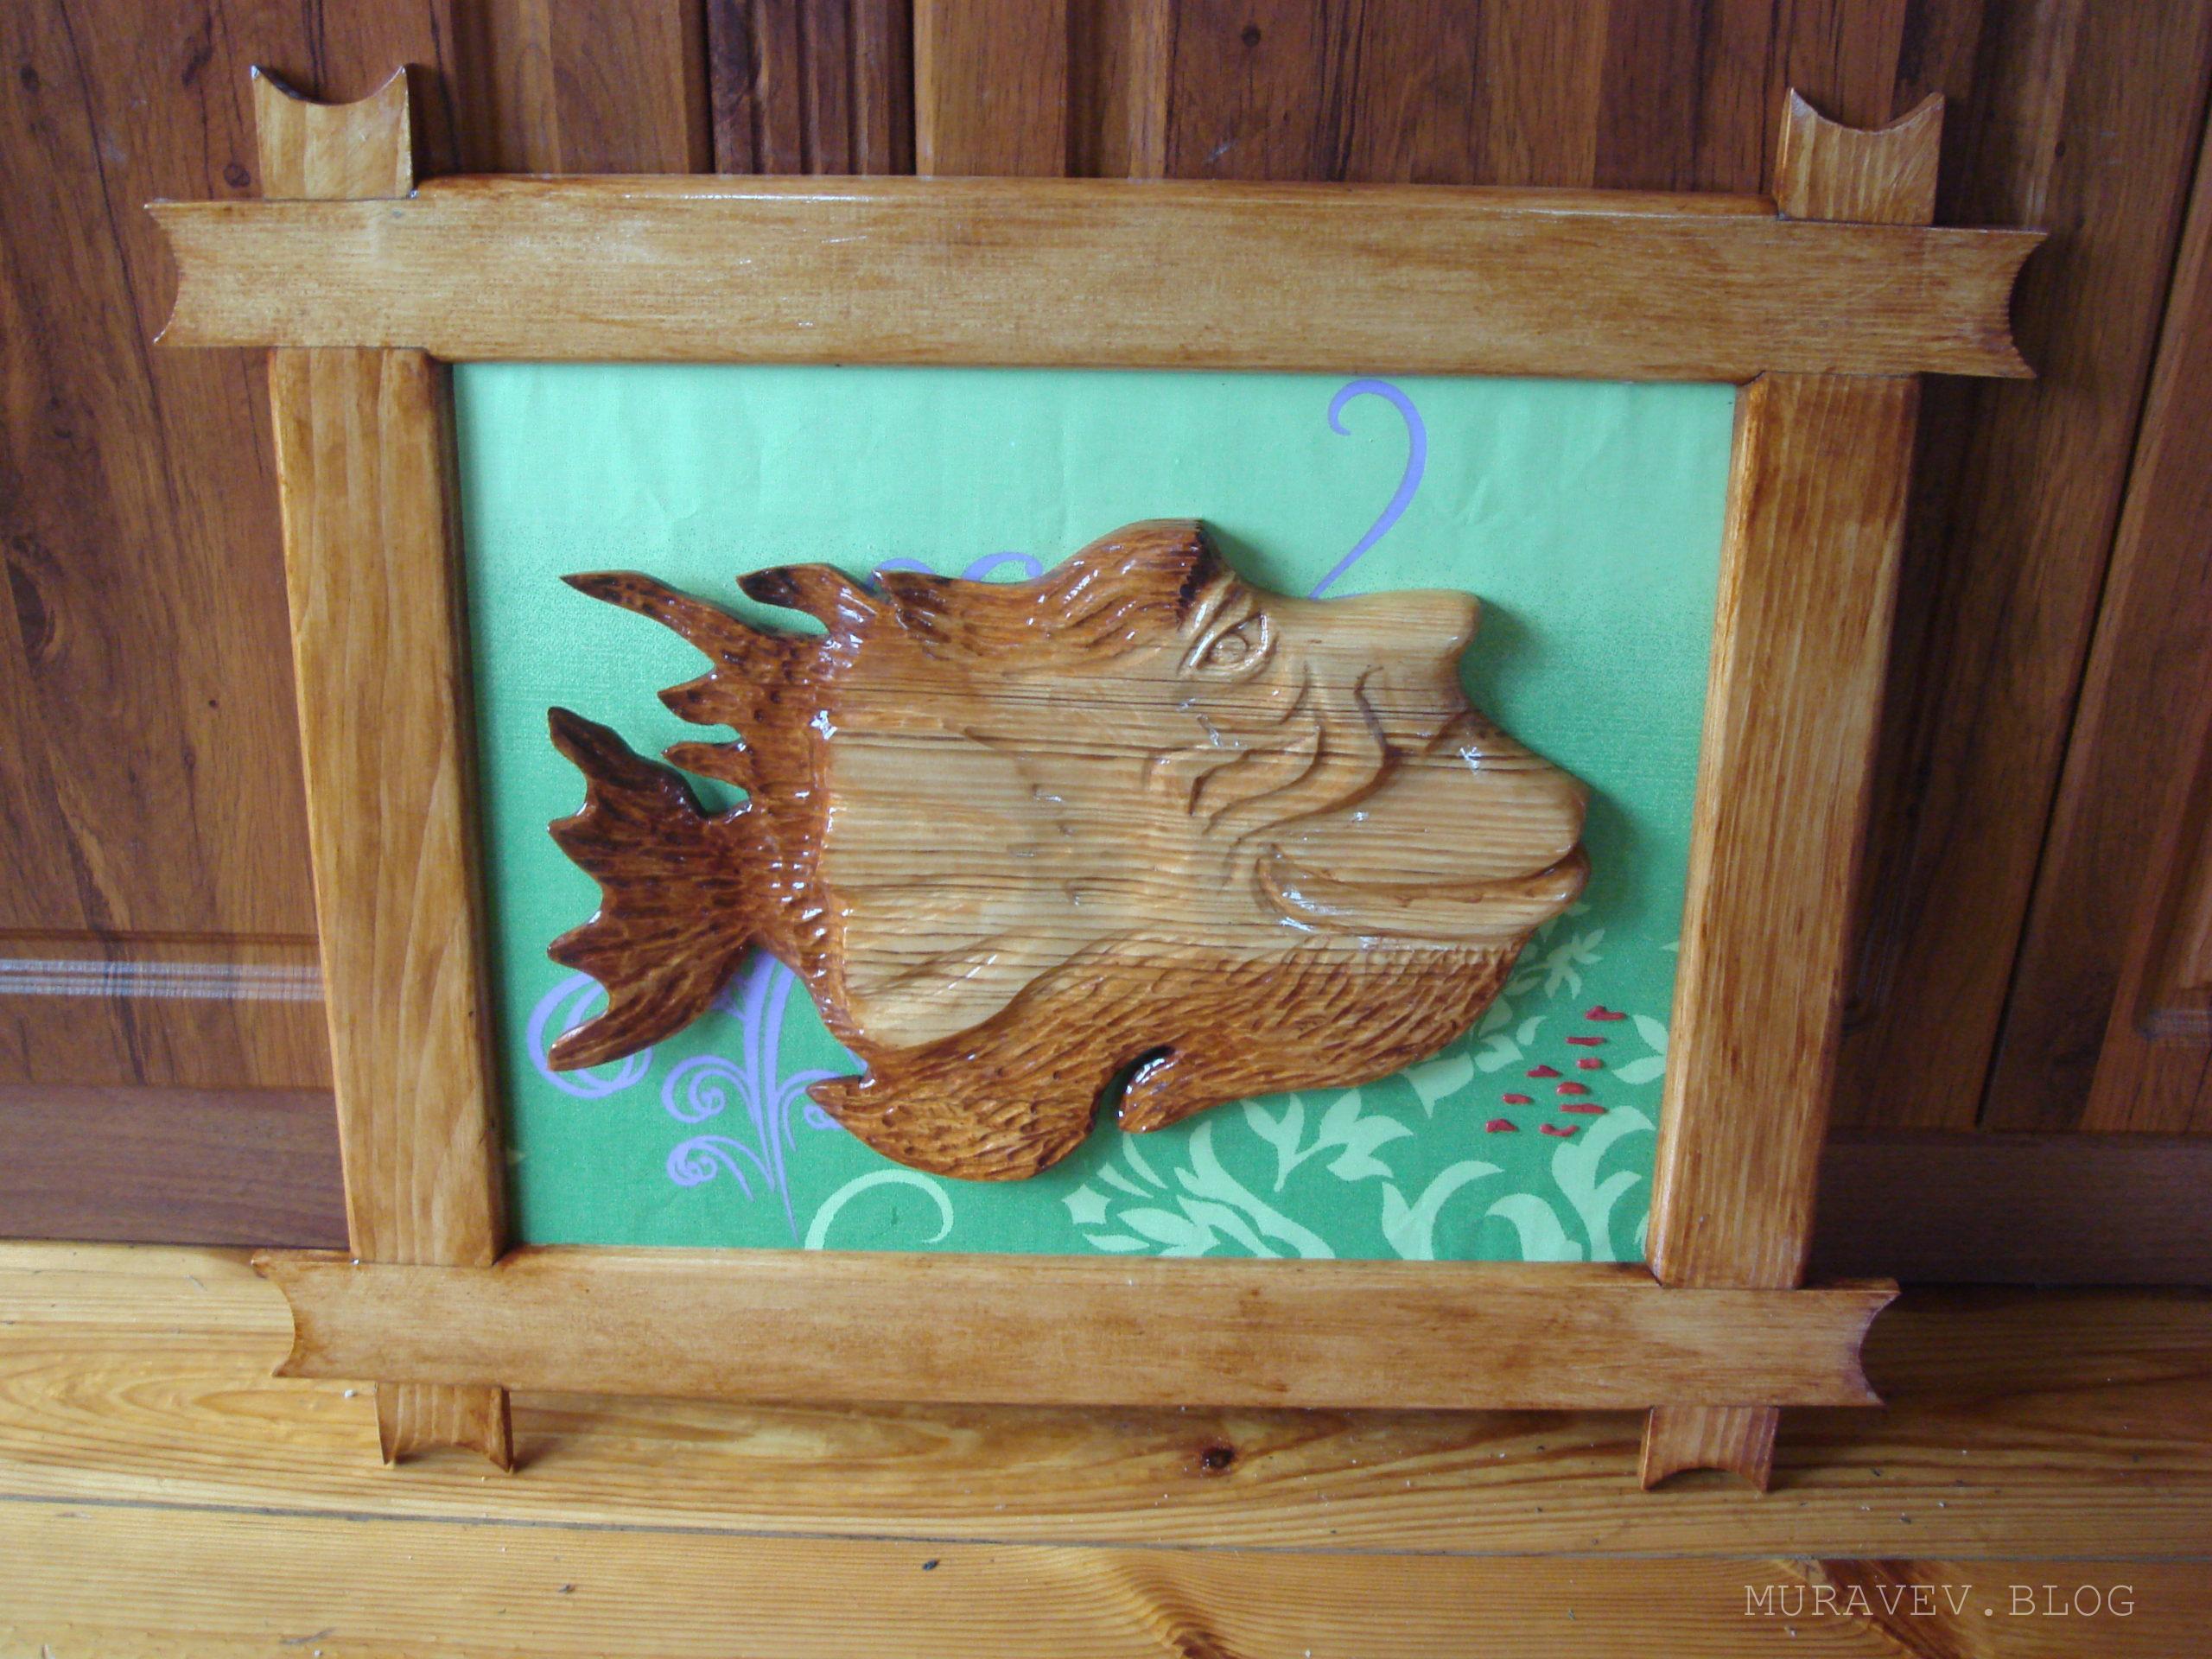 Деревянная рыба с лицом человека фото